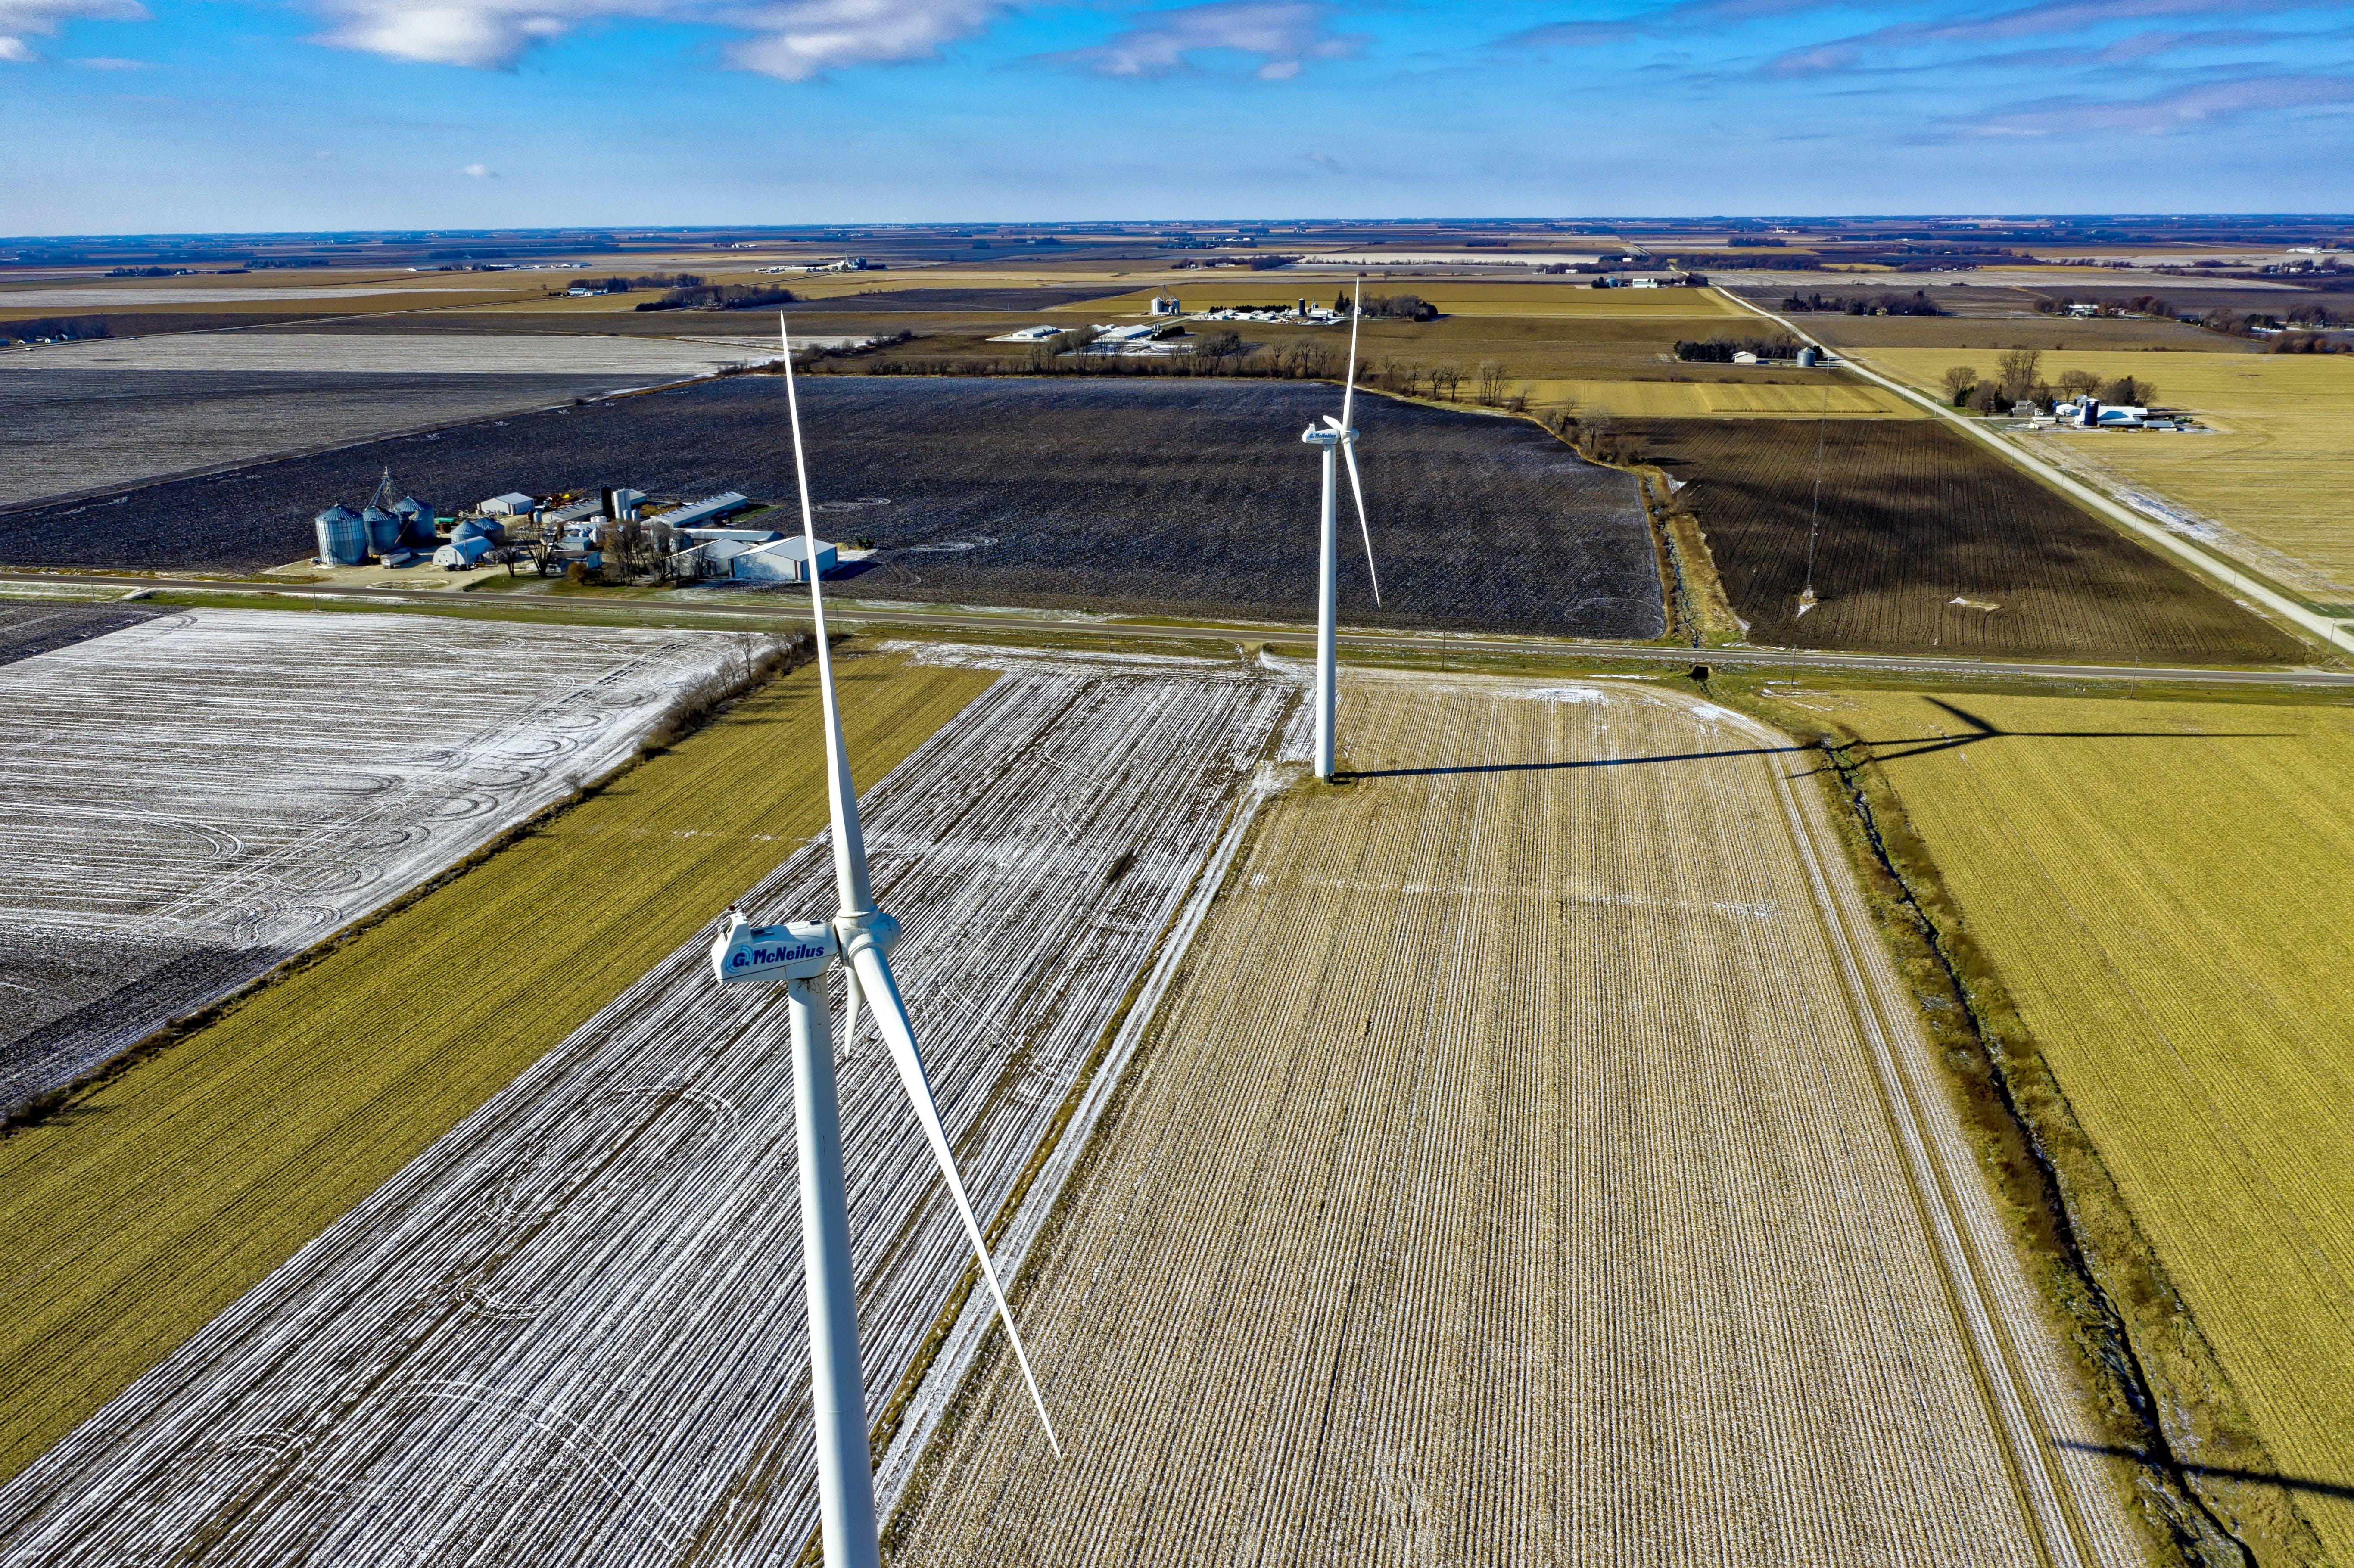 Windmills And Green Grass Field